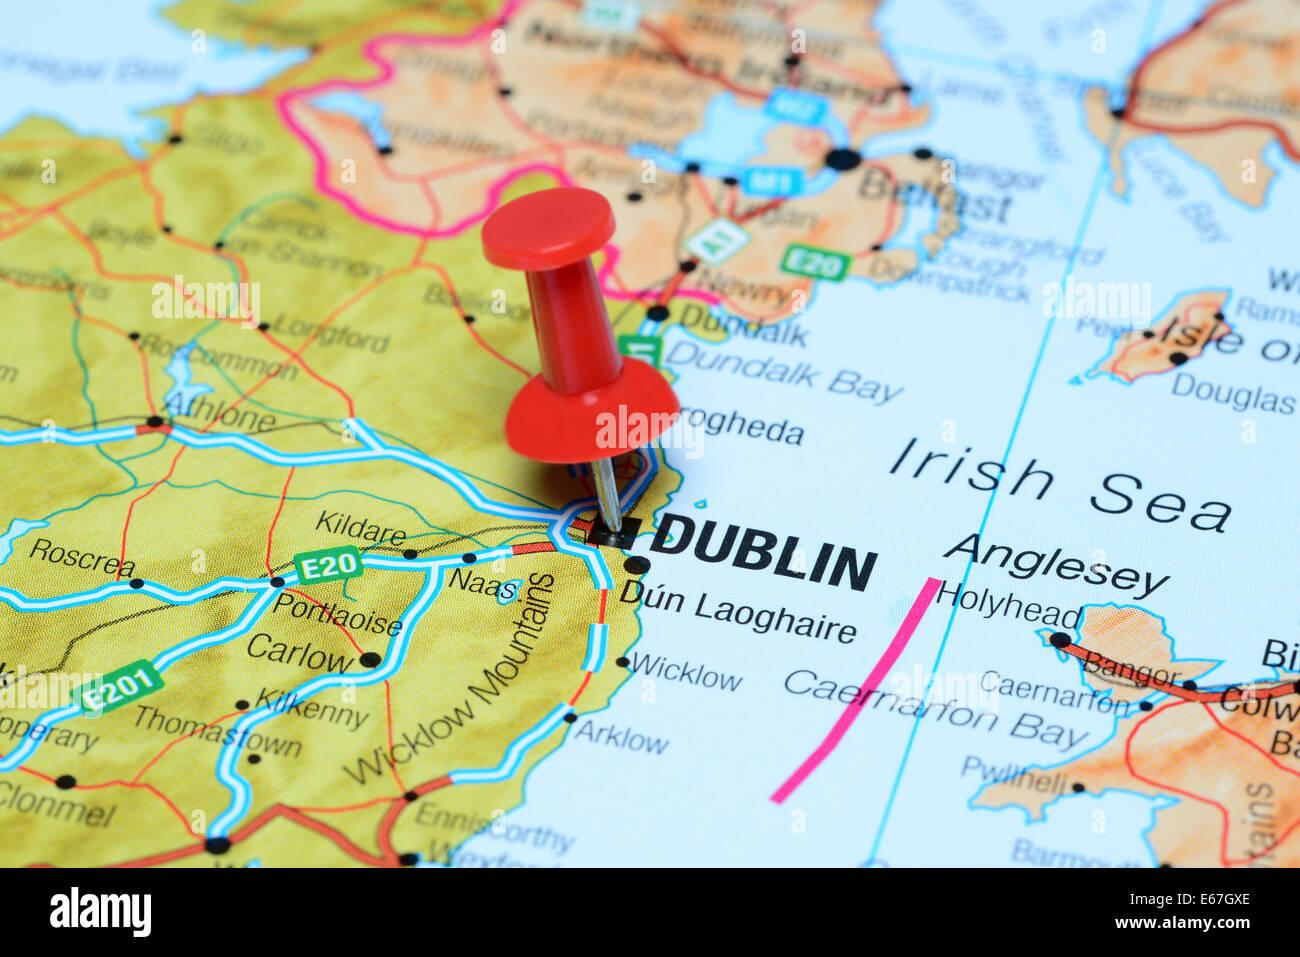 dublin karte Dublin, fixiert auf einer Karte von Europa Stockfoto, Bild